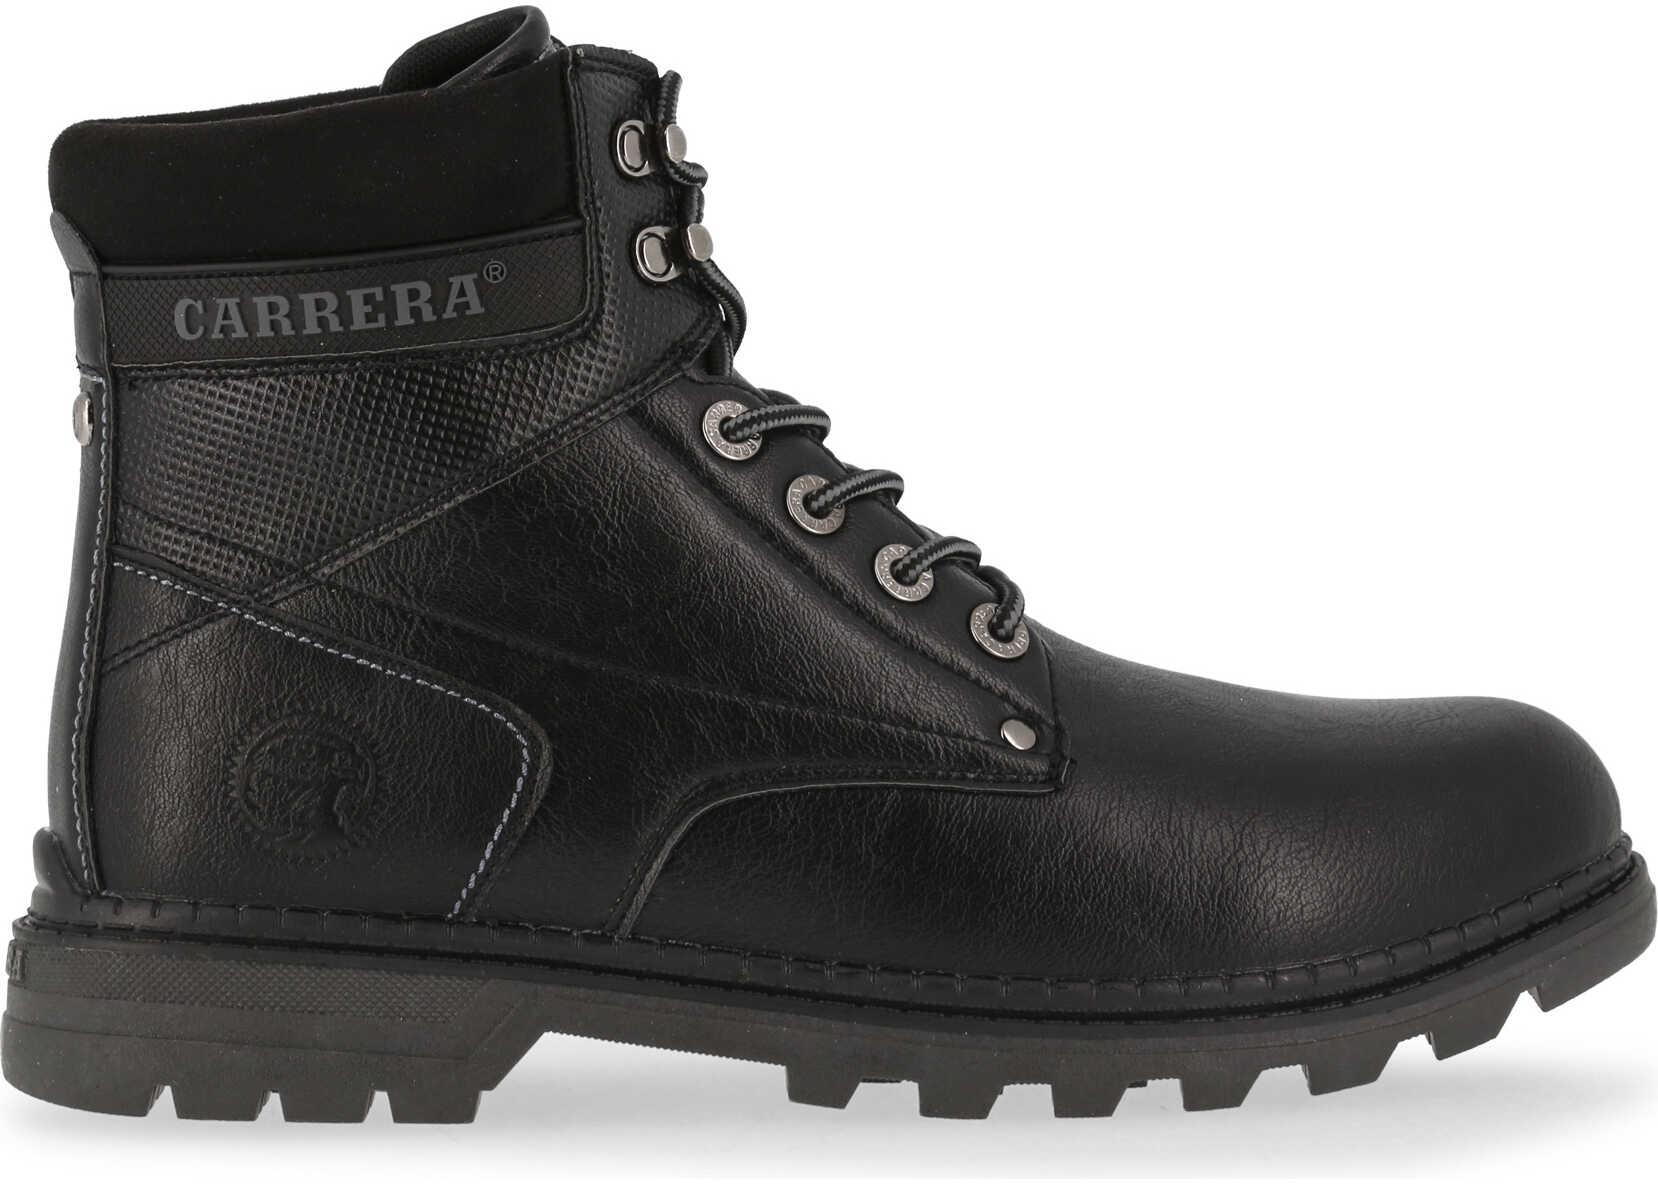 Carrera Jeans Texas_Cam721065 Black